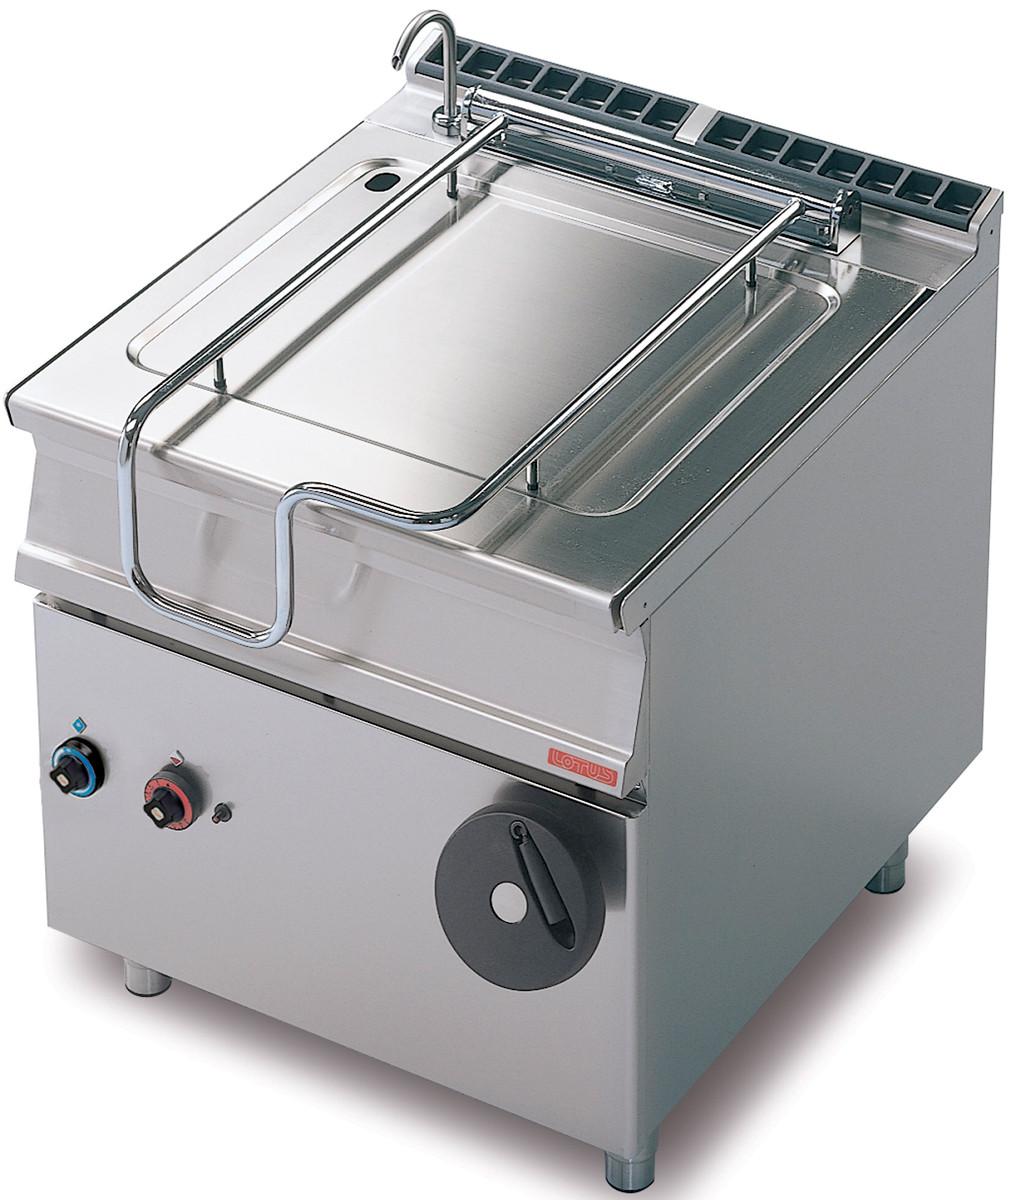 Сковорода электрическая LOTUS BR80-98ETF/I опрокидывающаяся (серия 90)